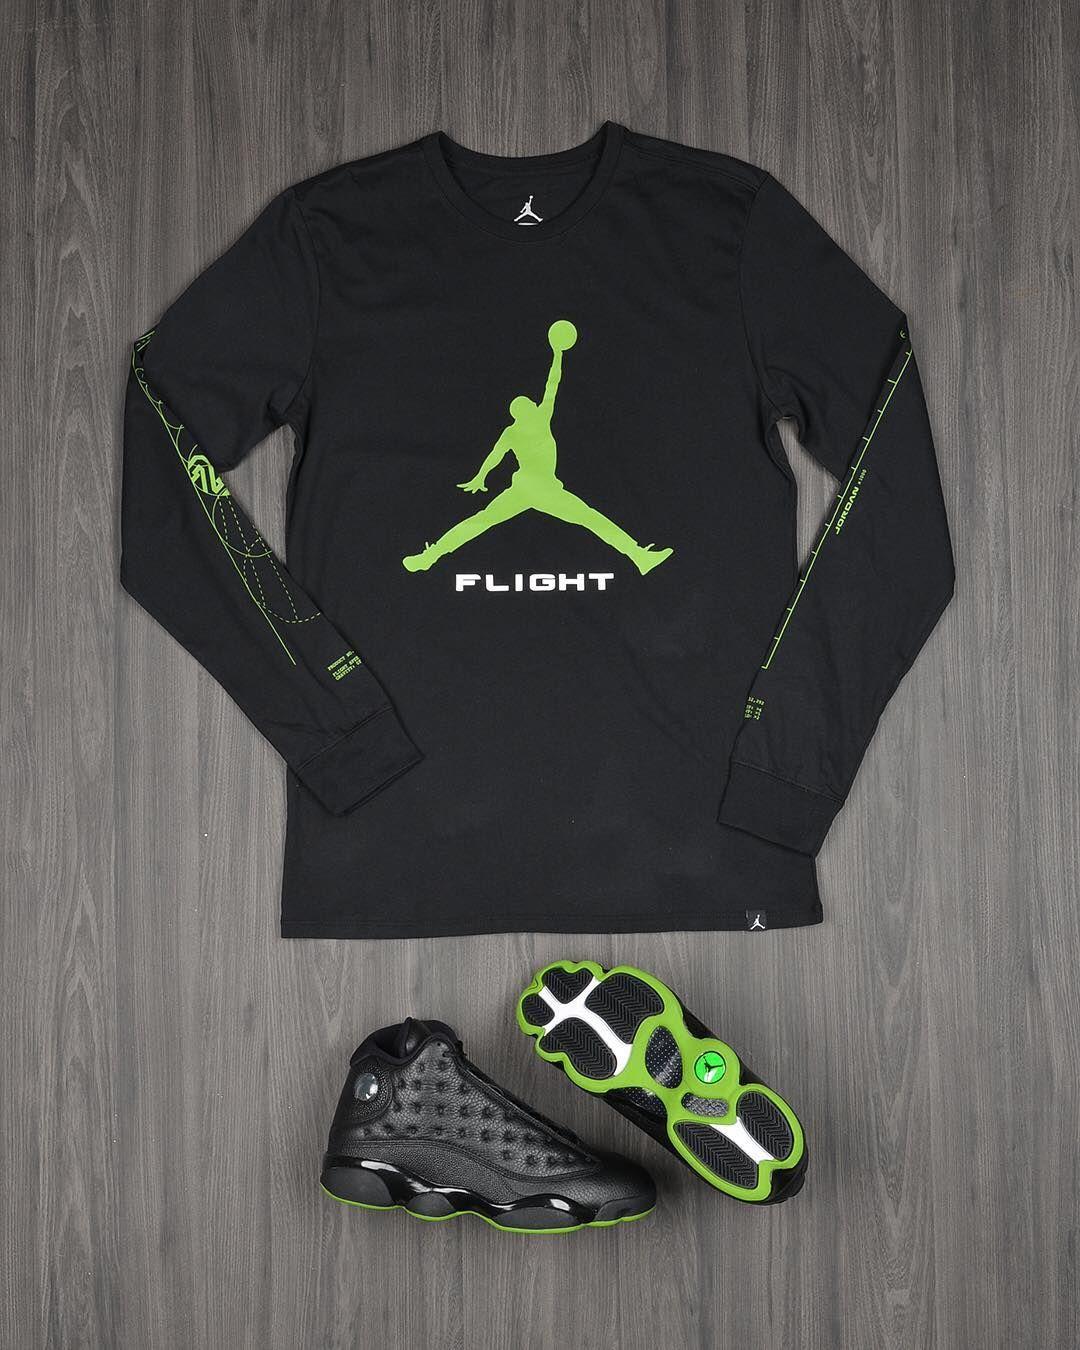 Air Jordan 13 Altitude Collection Pick Up The New Jordan 13